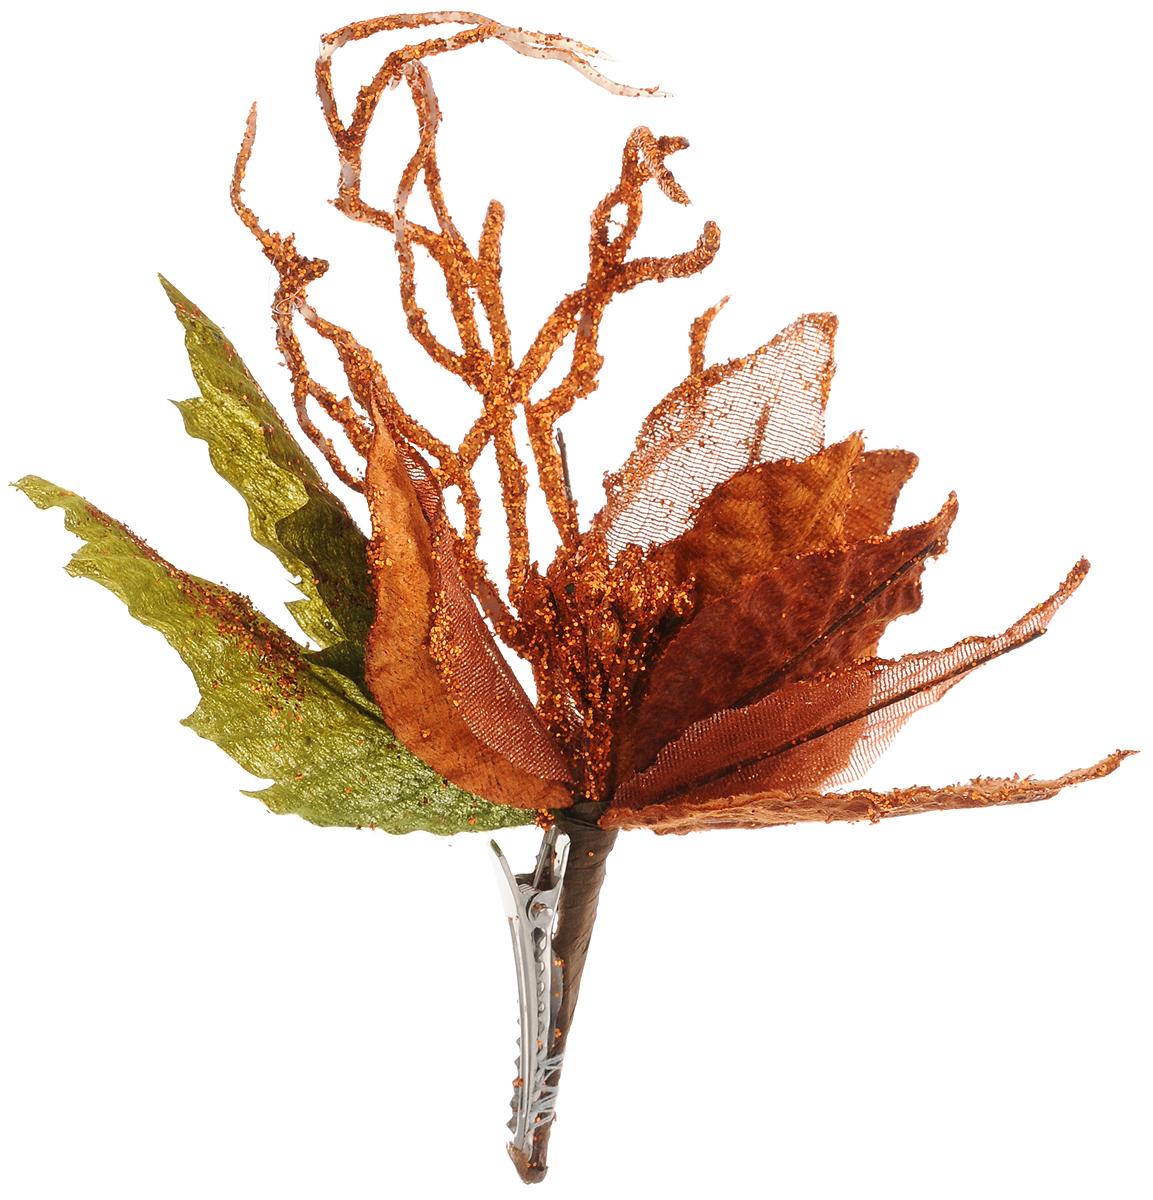 Украшение новогоднее Феникс-Презент Пуансеттия оранжевая, на клипсе, 13 x 16 см42501Новогоднее украшение Феникс-Презент Пуансеттия оранжевая выполнено из поливинилхлорида в форме букета из листьев. Изделие крепится с помощью клипсы. Украшение можно прикрепить в любом понравившемся вам месте. Но, конечно, удачнее всего оно будет смотреться на праздничной елке. Елочная игрушка - символ Нового года. Она несет в себе волшебство и красоту праздника. Создайте в своем доме атмосферу веселья и радости, украшая новогоднюю елку нарядными игрушками, которые будут из года в год накапливать теплоту воспоминаний. Материал: поливинилхлорид. Размеры: 13 х 16 см.